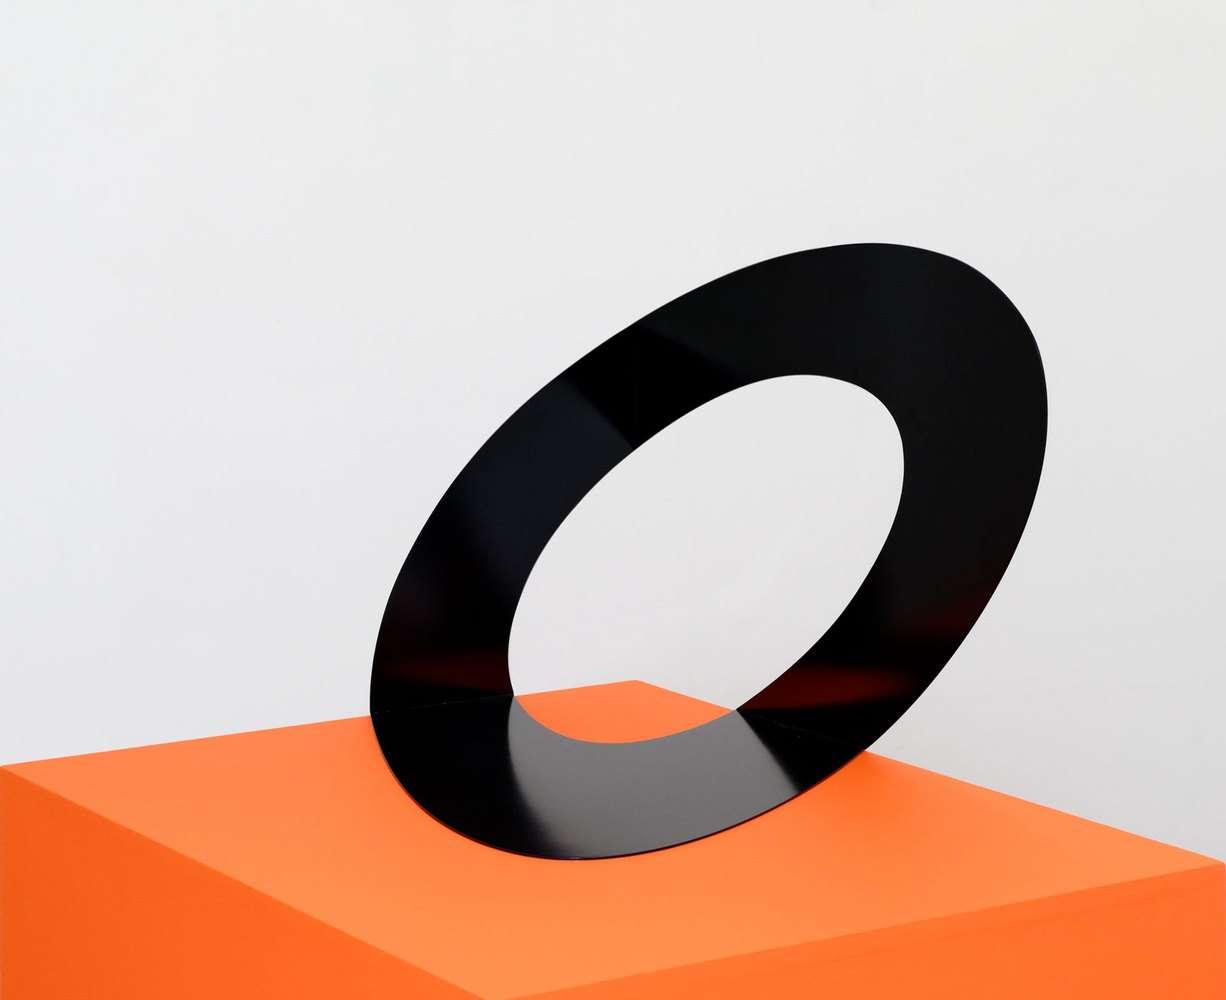 Felice Varini, Ellipse noire Paris 2008, 2008 Acier peint - Edition de 8 exemplaires48 x 48 x 73.5 cm / 18 7/8 x 18 7/8 x 28 7/8 inches